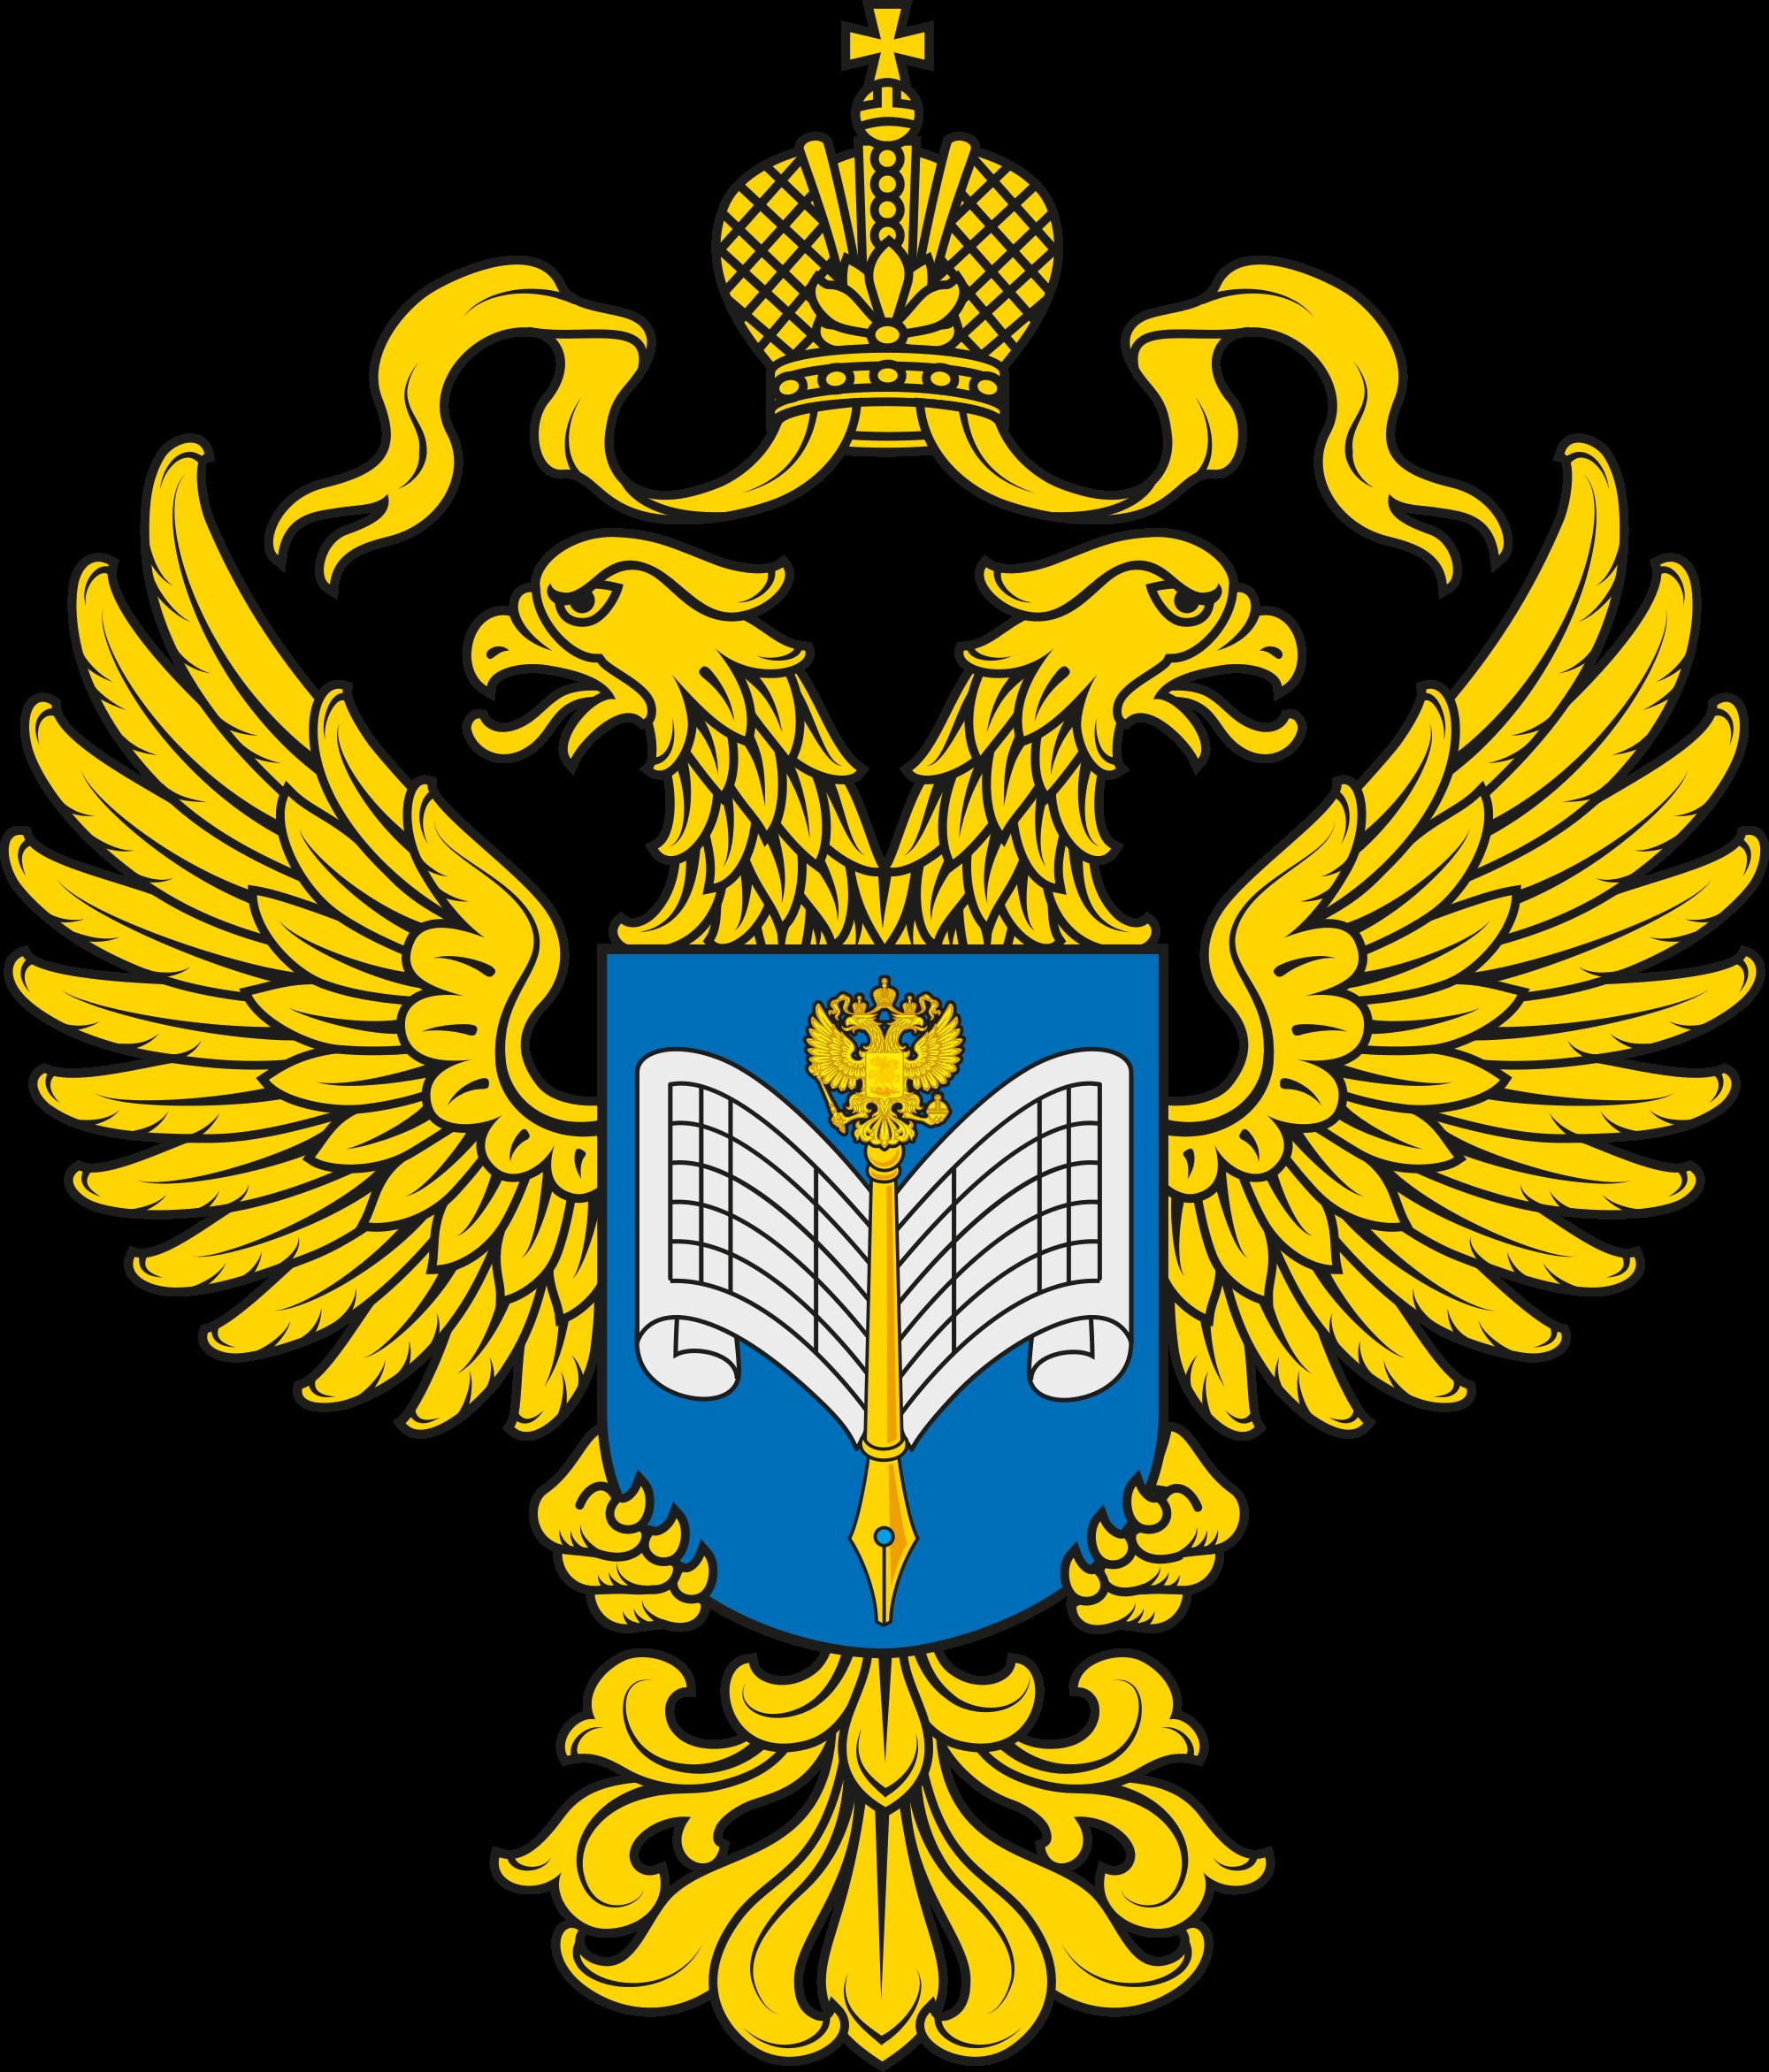 эмблема (герб) Росстата (Федеральной службы государственной статистики)